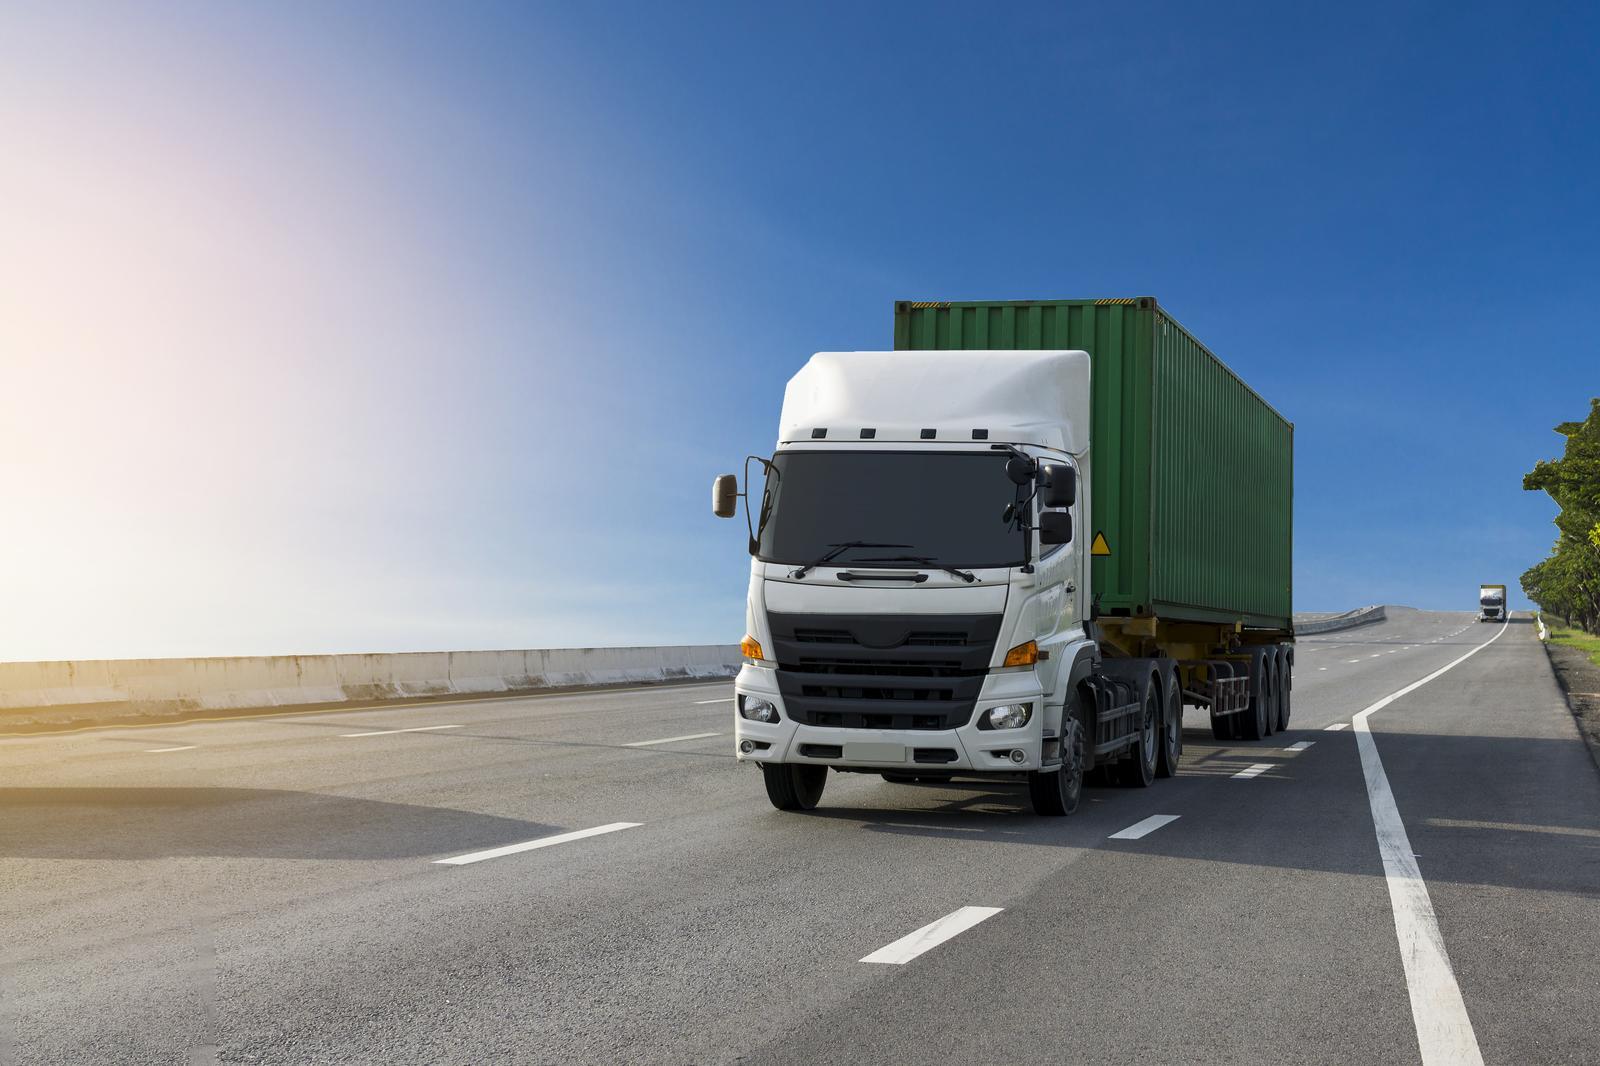 Kaubavedu maanteel Eestis